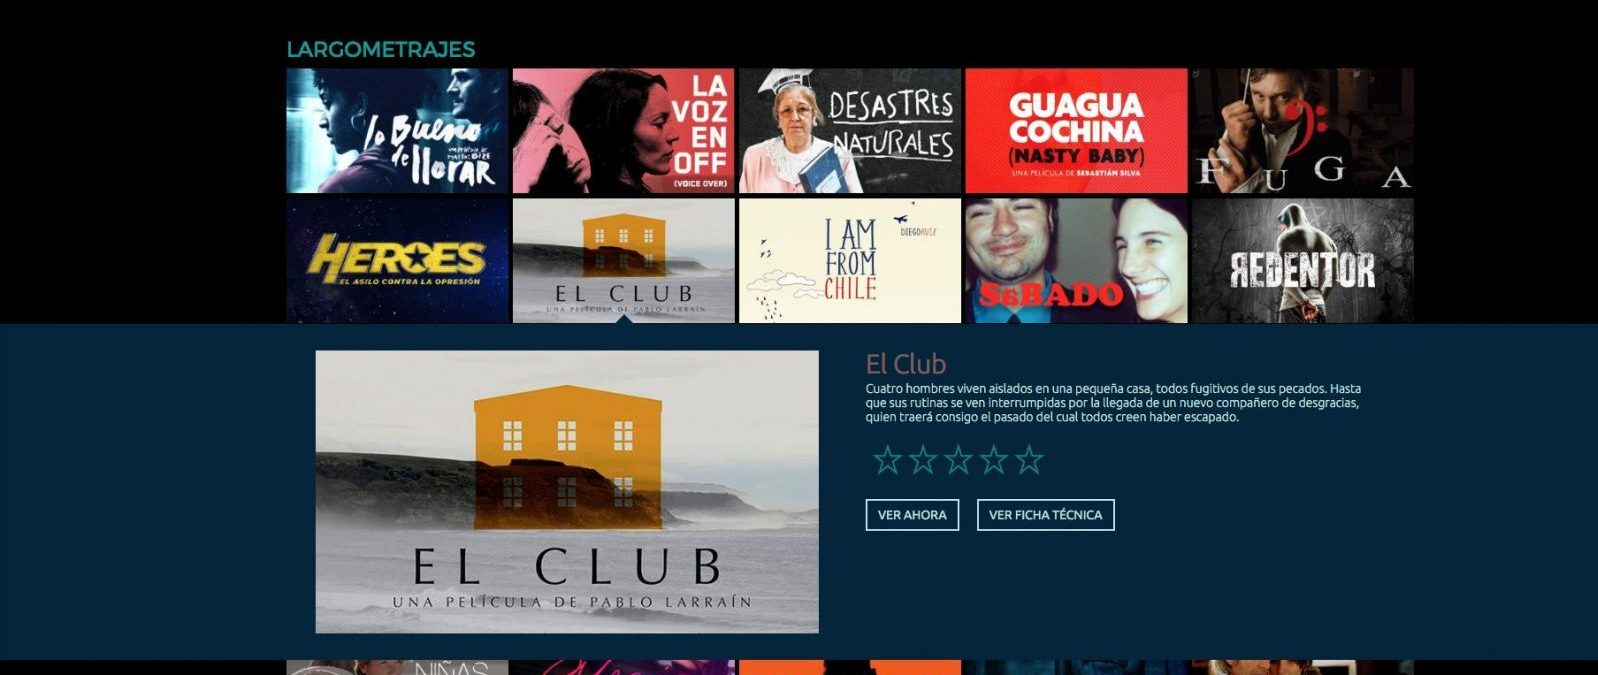 Consejo de la Cultura lanza plataforma web con catálogo gratuito de películas y documentales chilenos